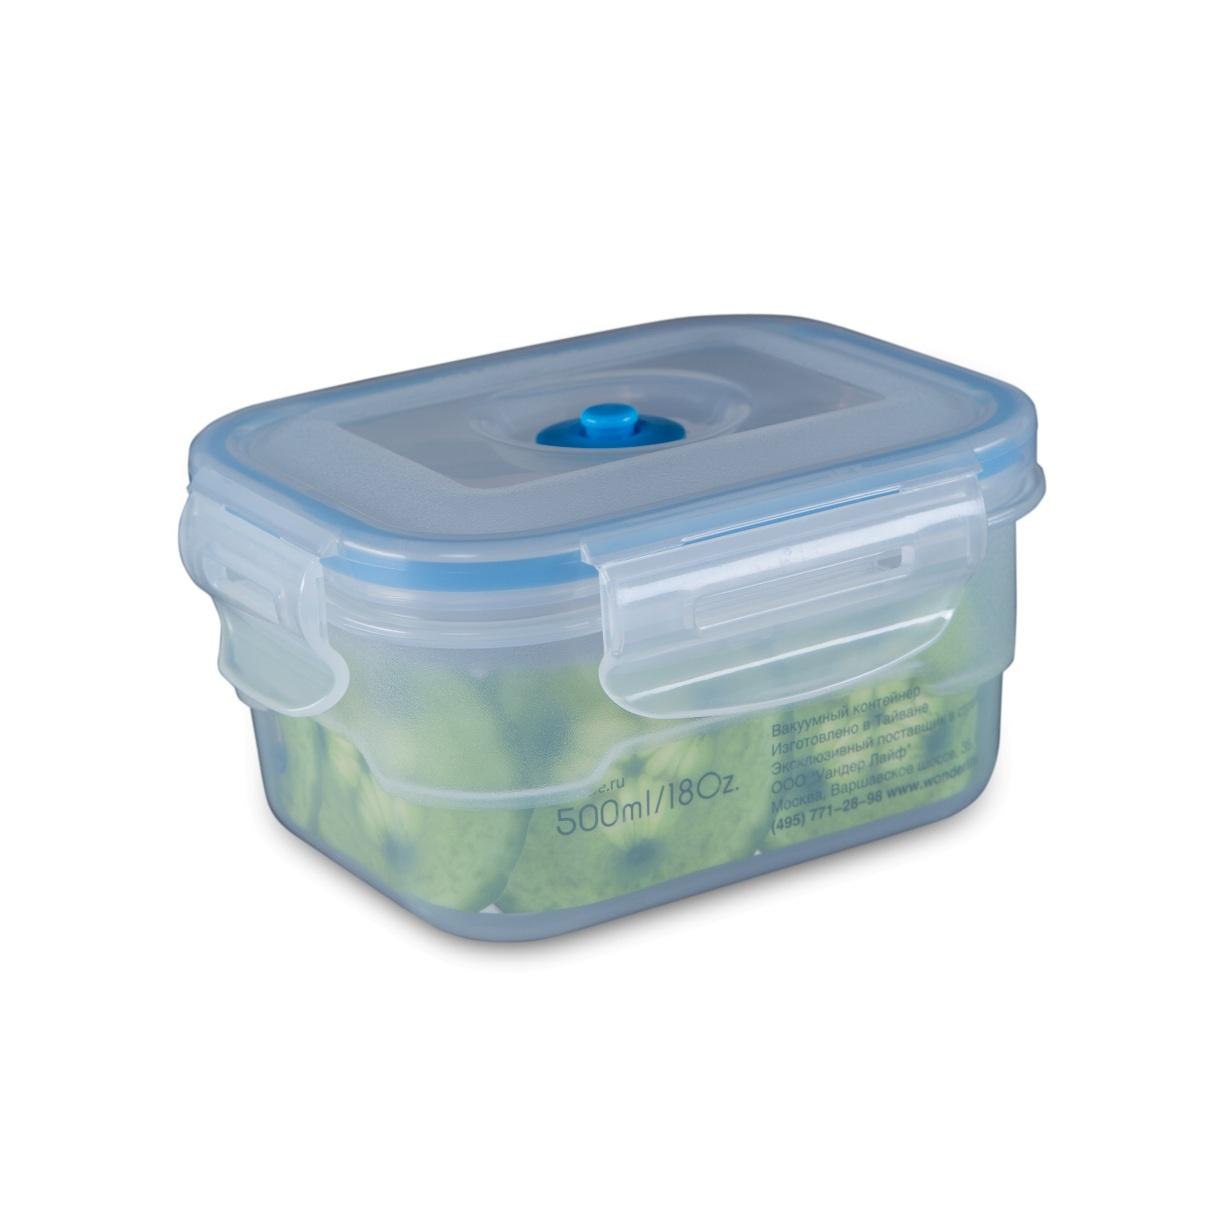 Контейнер вакуумный для пищи Wonder Life Пищевой вакуумный контейнер, прозрачный контейнер вакуумный для хранения сыпучих продуктов prepara evak 1 36 л